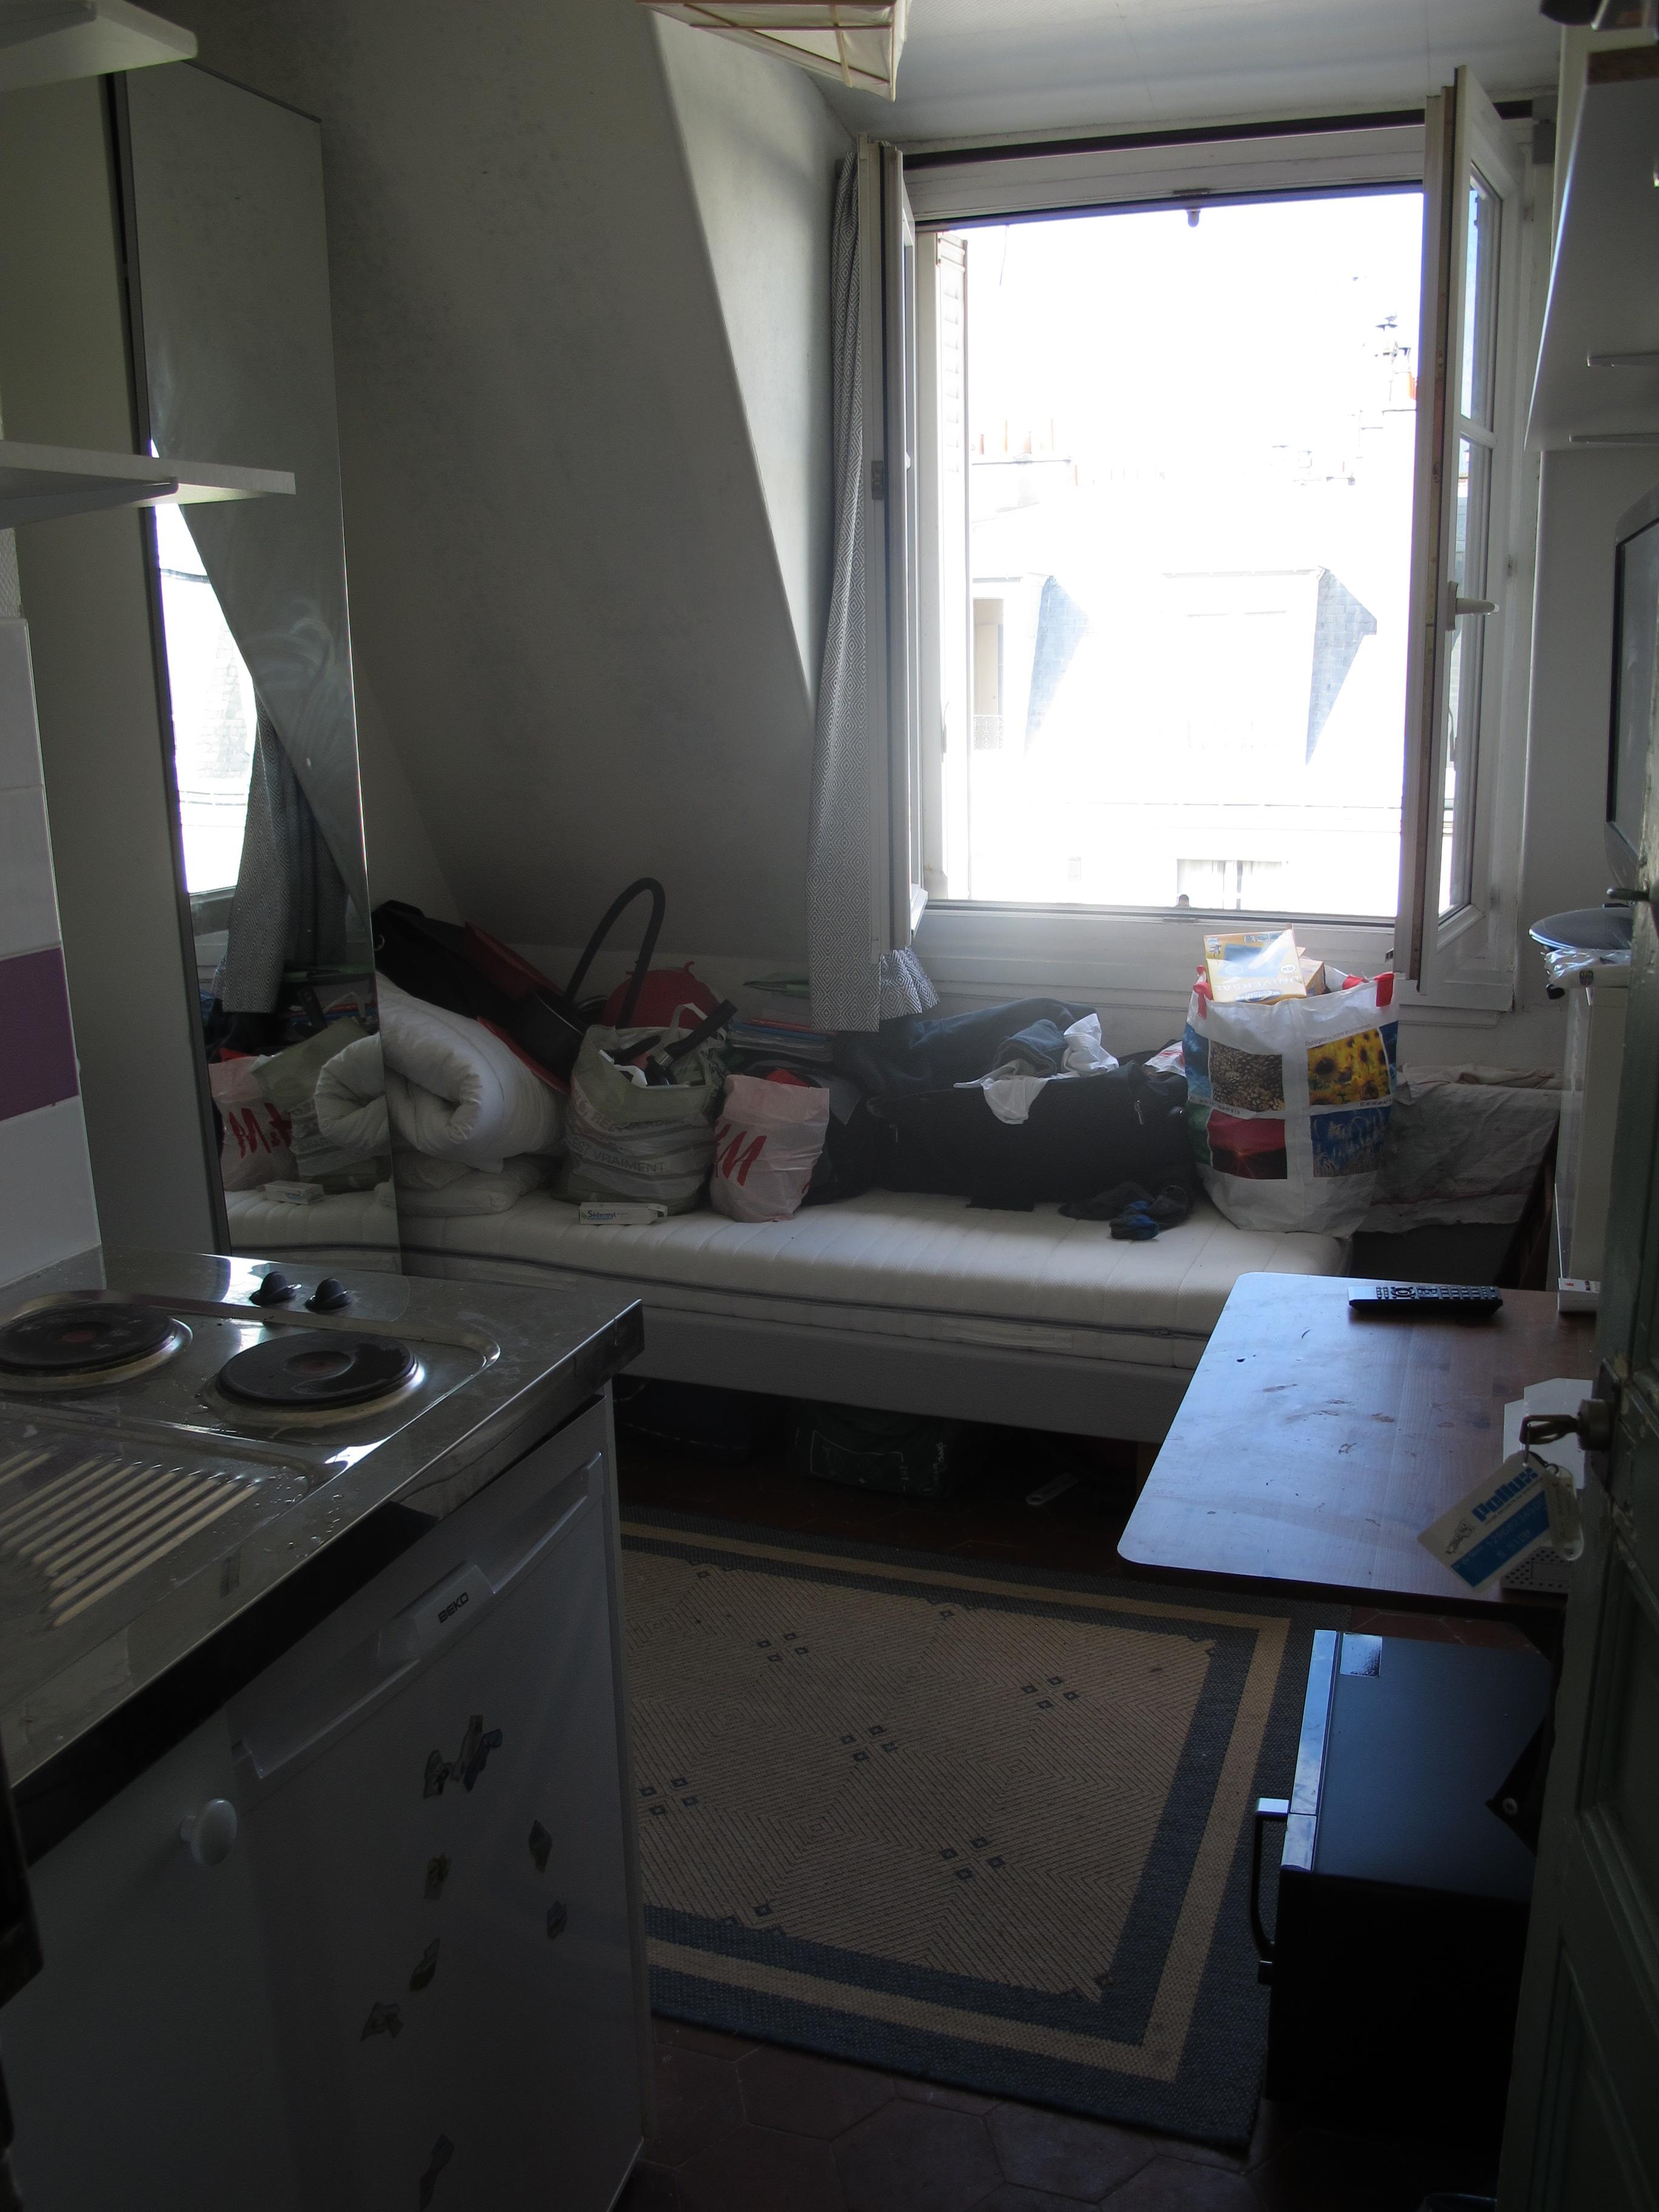 o s£o os chambres de bonne alugados por estudantes em Paris